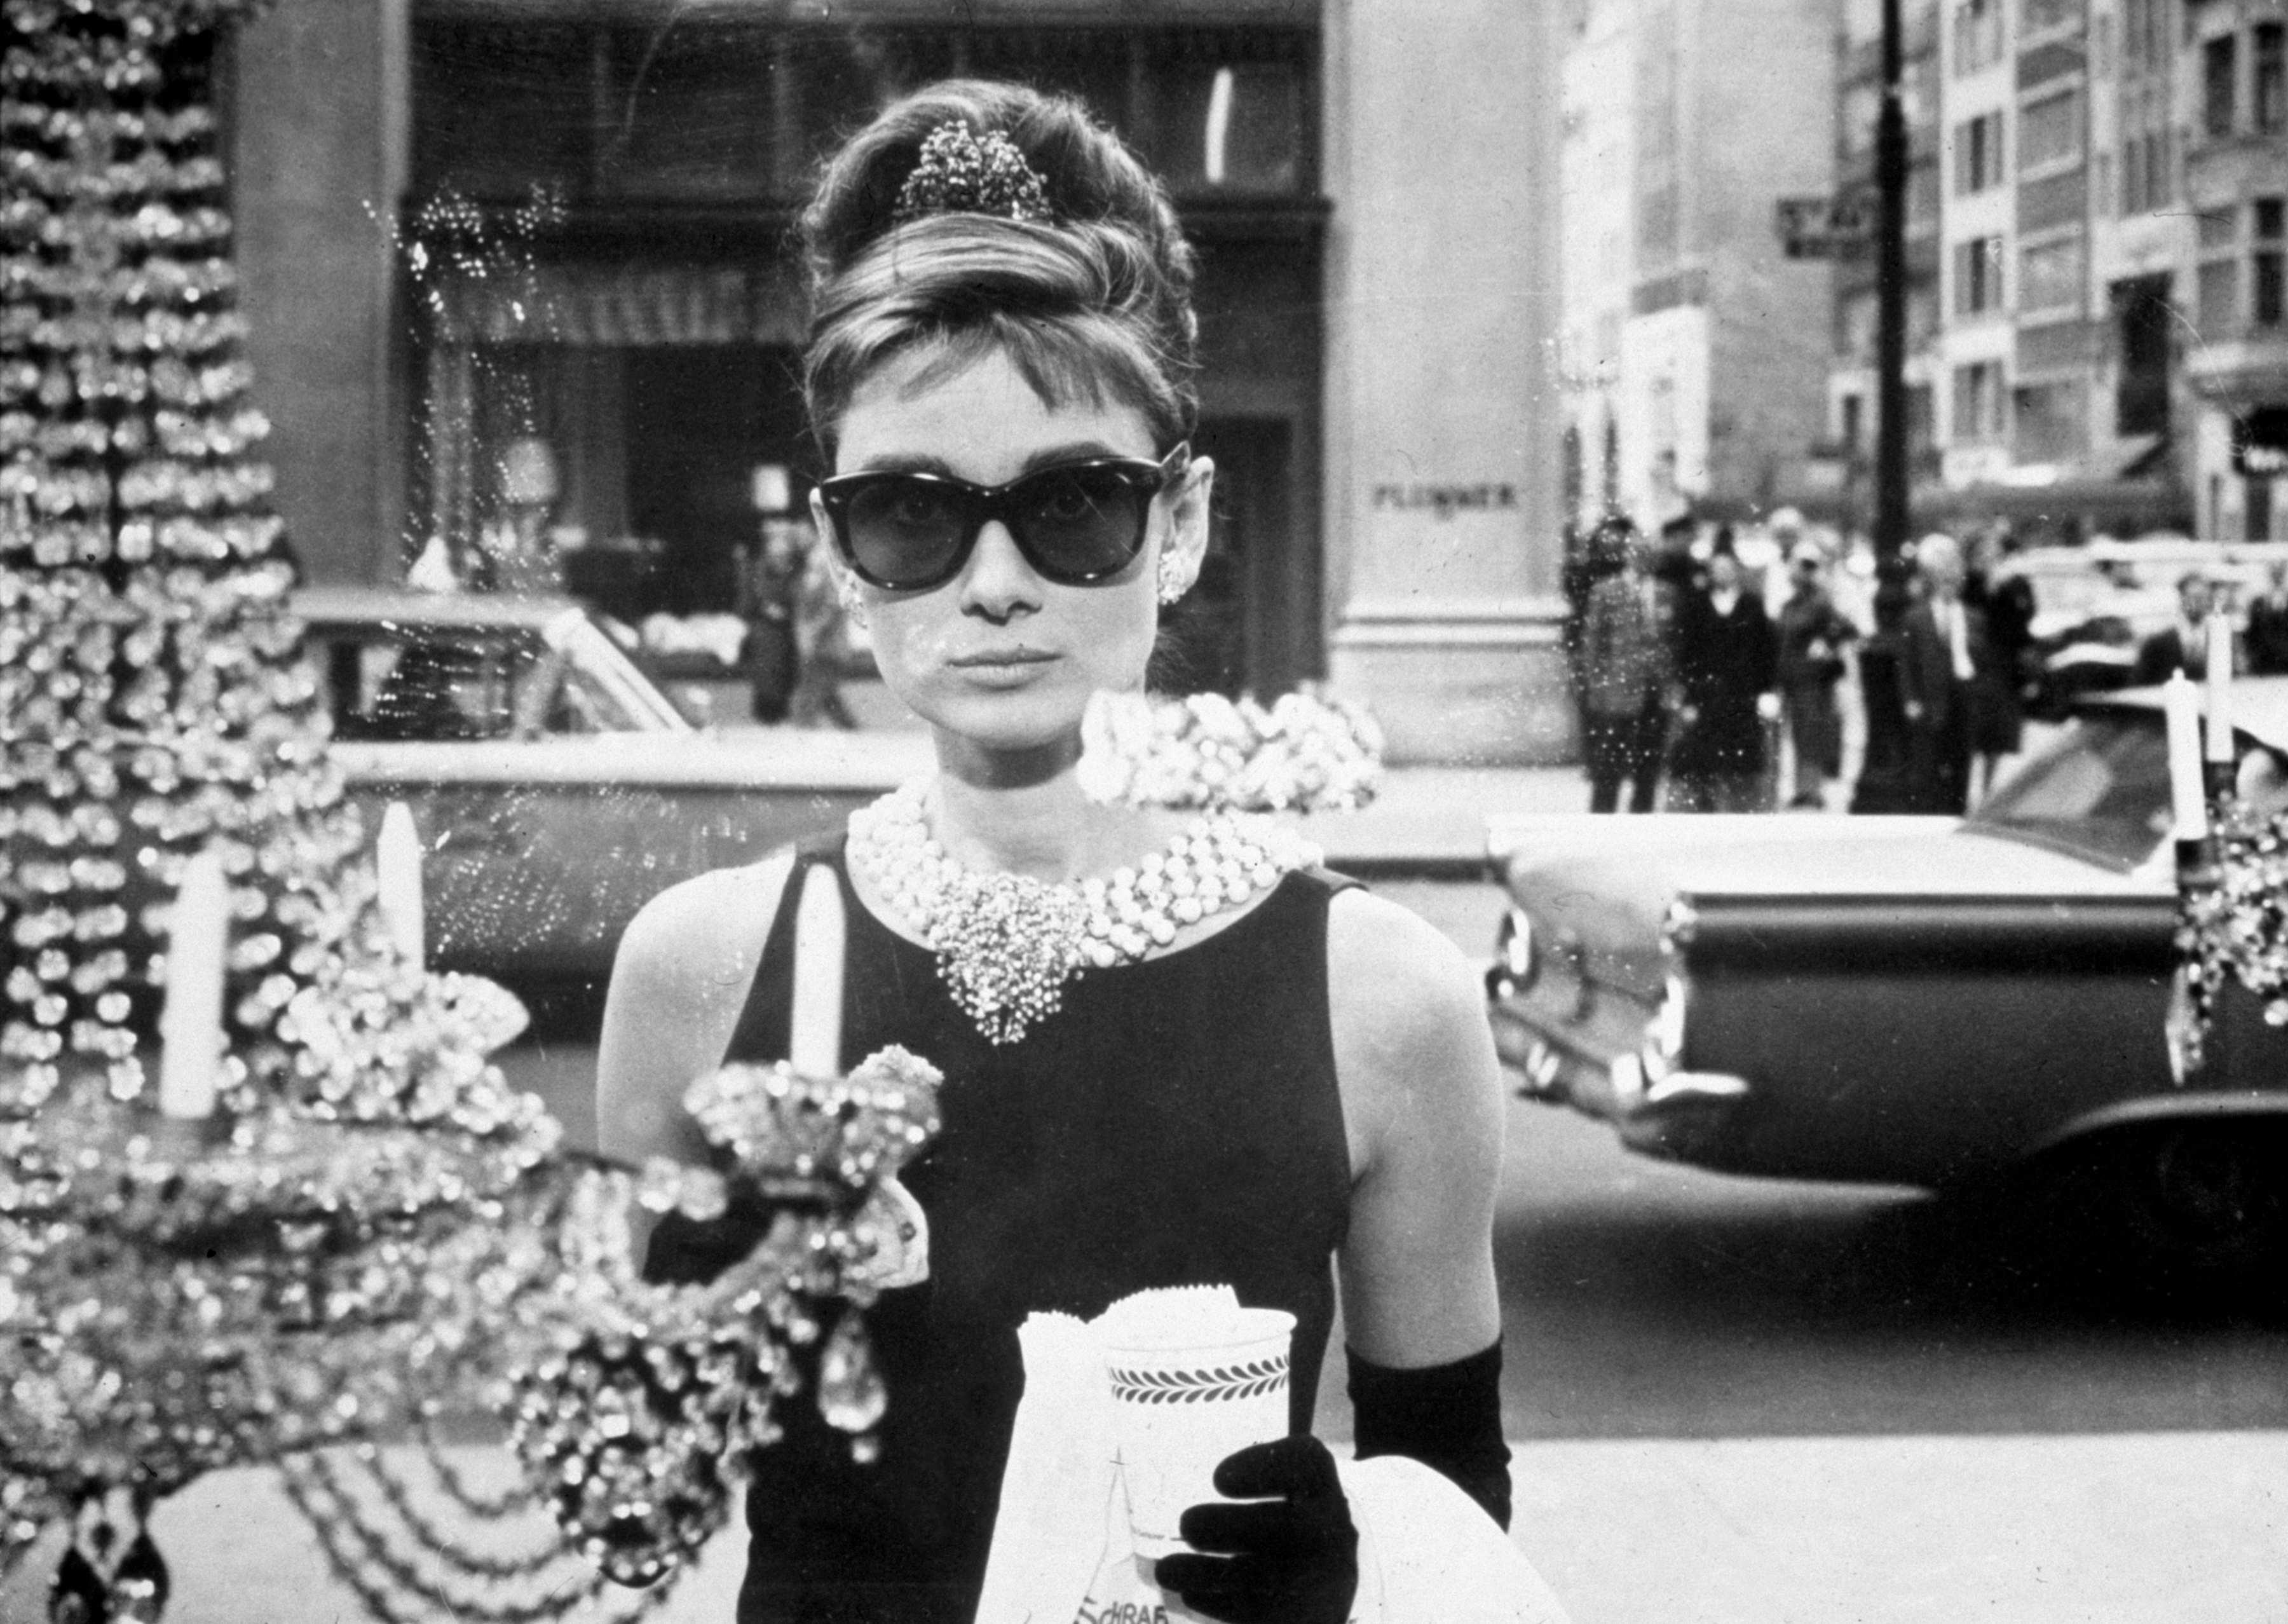 Még egy nagyobb ugrás az időben: Audrey Hepburn a Breakfast At Tiffany's filmben ezt a napszemüveget viselte. Szerintem mindenkinek beleégett már az agyába ez a kép, na meg persze a színésznő külsője is... - Örök divat.